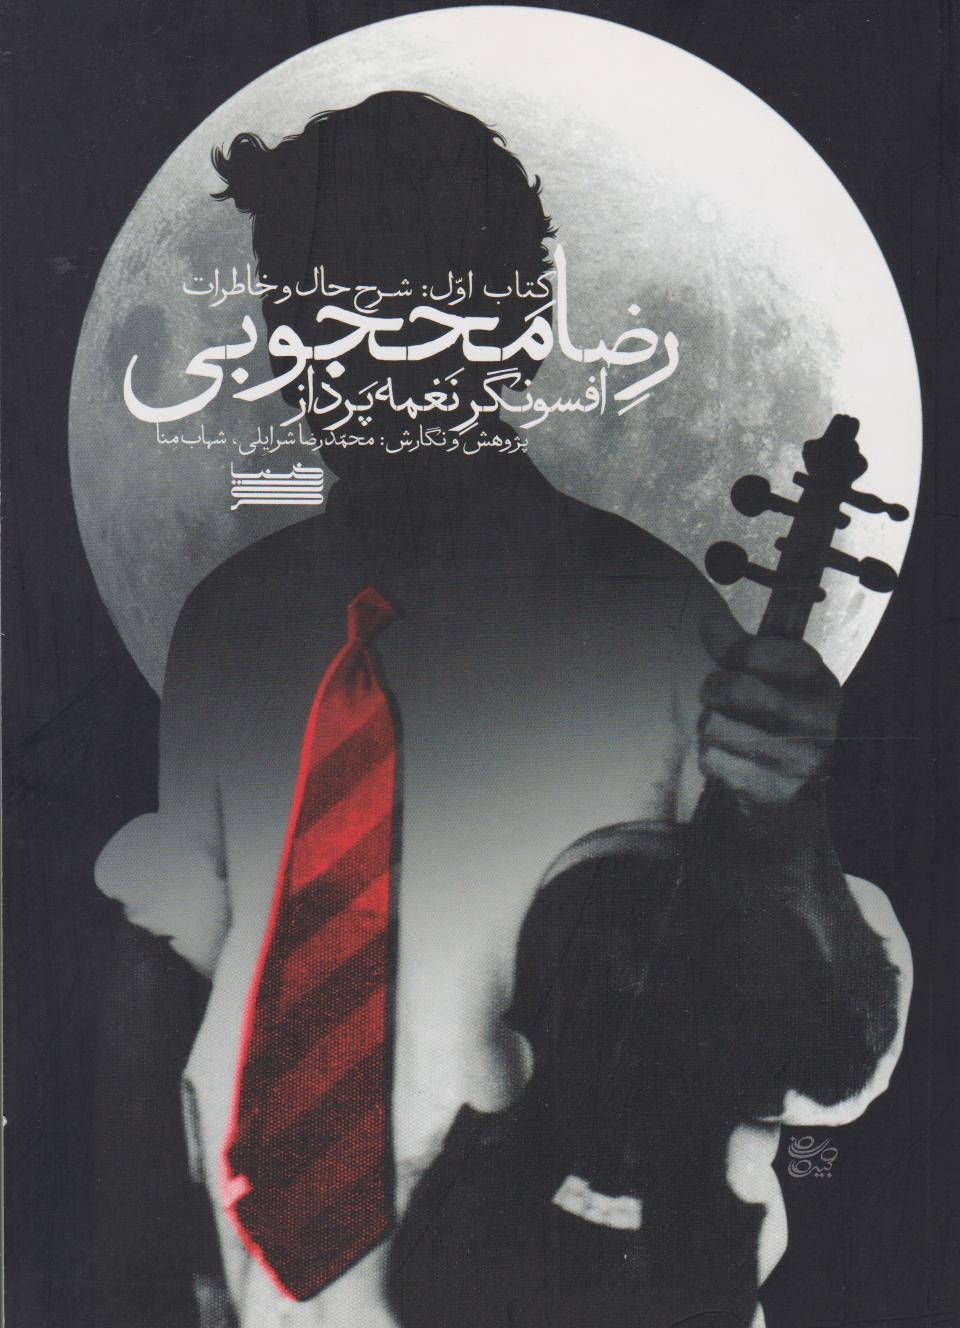 کتاب اول رضا محجوبی افسونگر نغمهپرداز محمدرضا شرایلی شهاب منا انتشارات خنیاگر